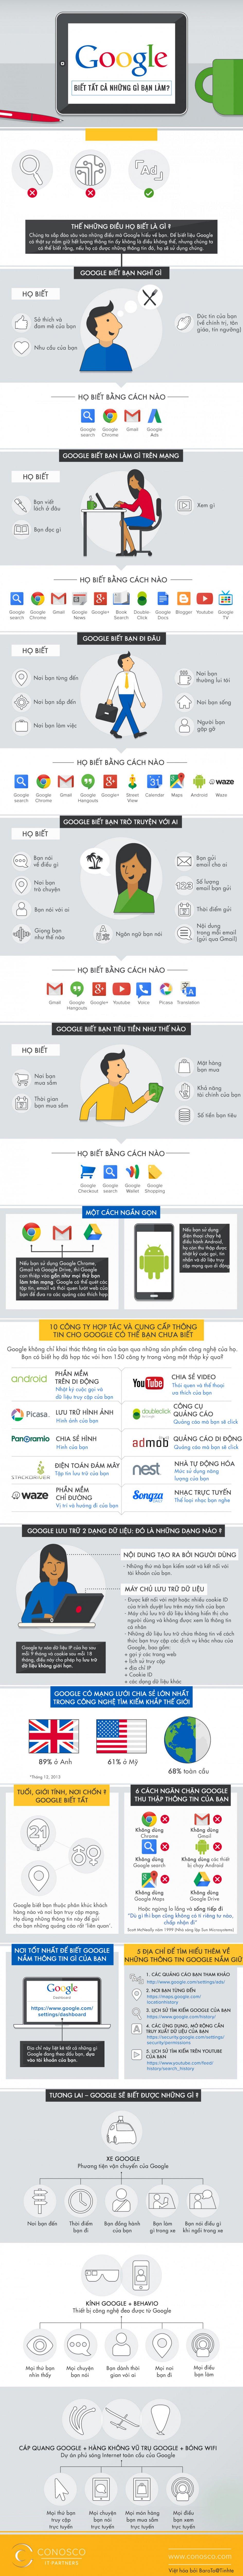 [Infographic] Google hiểu bạn đến mức nào?